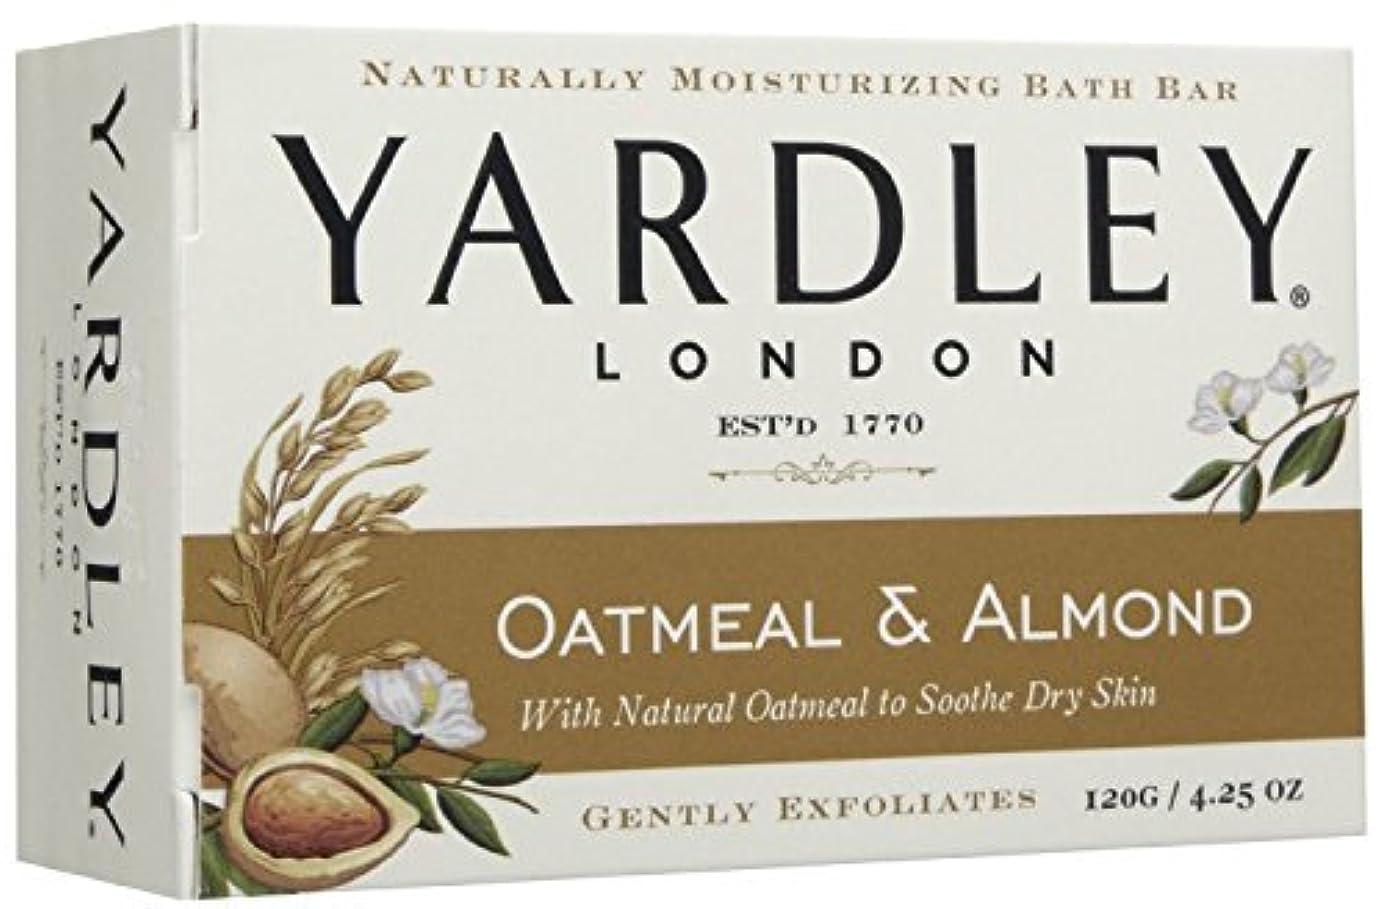 粘性の量差し控えるYardley London (ヤードリー ロンドン) オートミール&アーモンド モイスチャライズ バス ソープ 120g [並行輸入品]